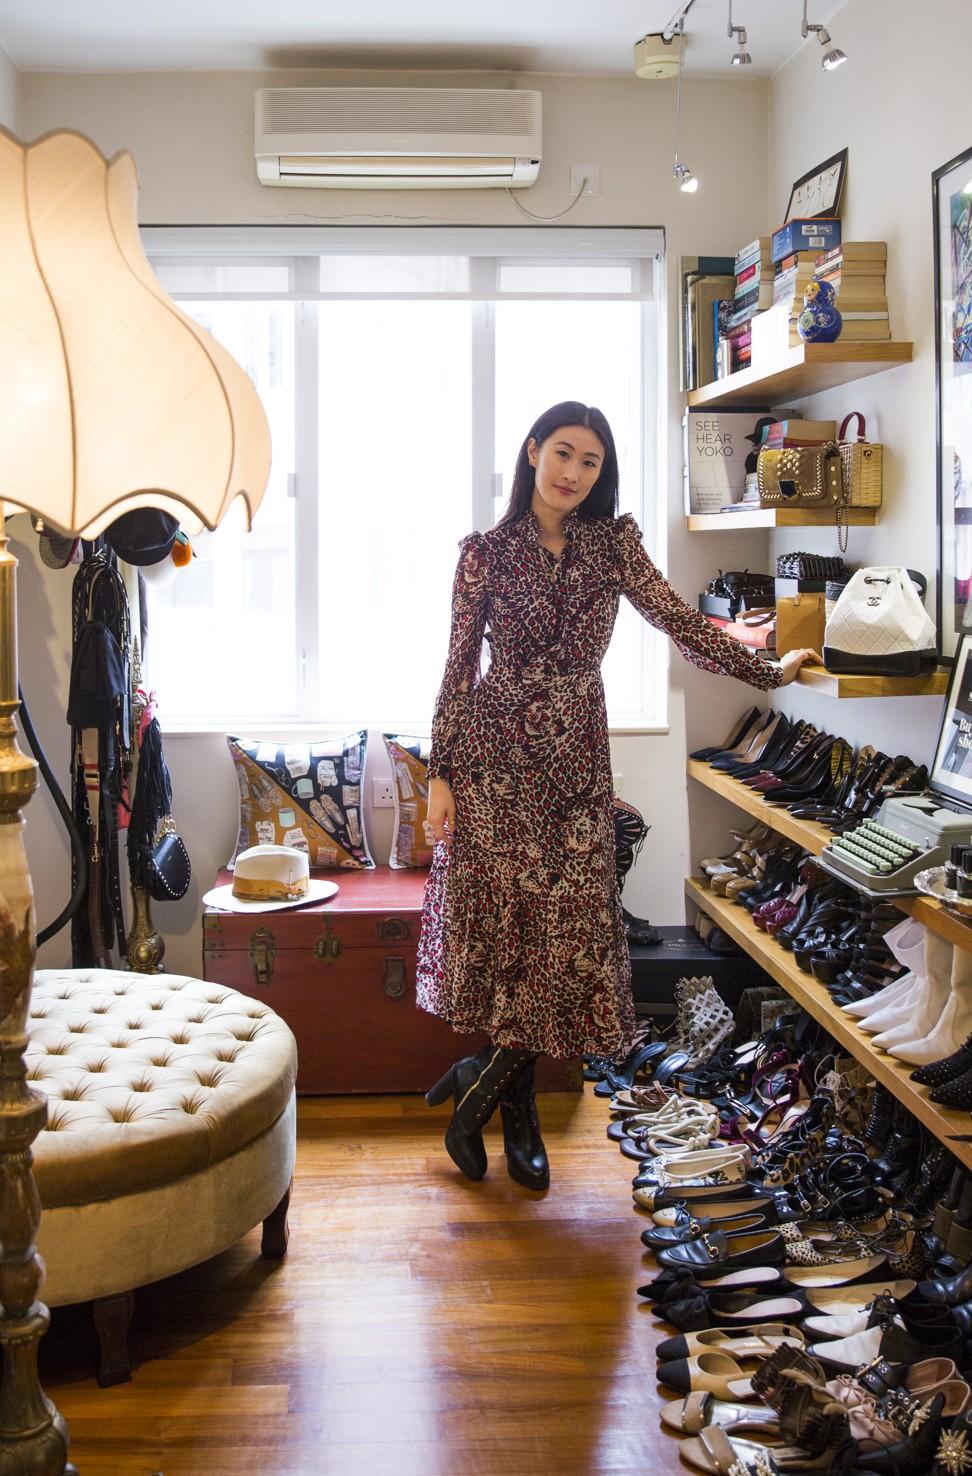 95ad696026d4 Fashions real Hongkongers wear: Justine Lee, fashion director at Hong Kong  Tatler magazine   South China Morning Post